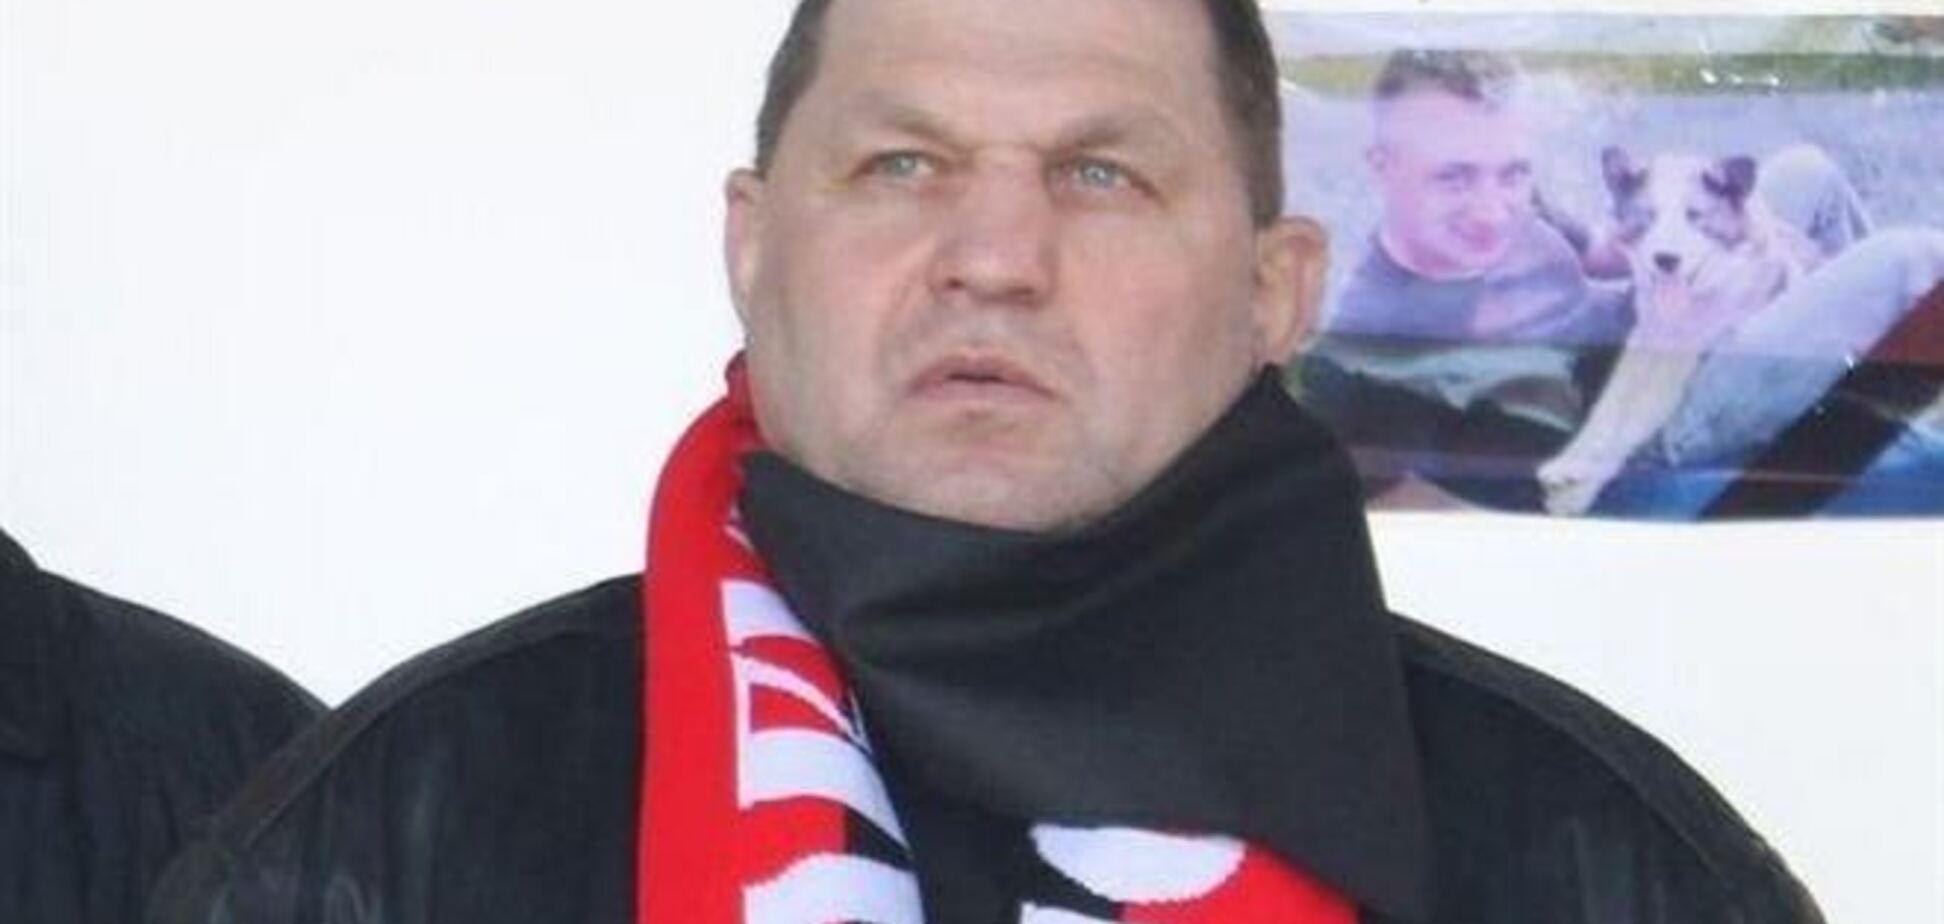 ГПУ не отрицает, что Саша Белый мог погибнуть от выстрелов милиции